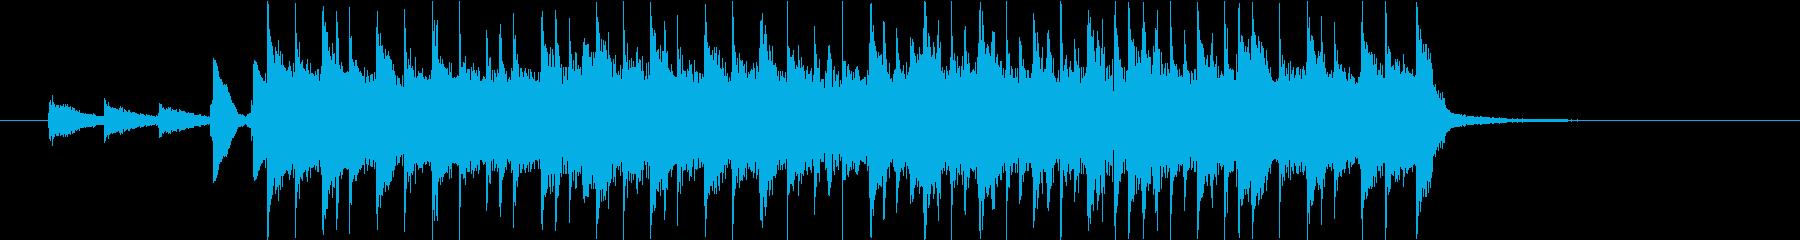 アップテンポなハッピーバースデージングルの再生済みの波形